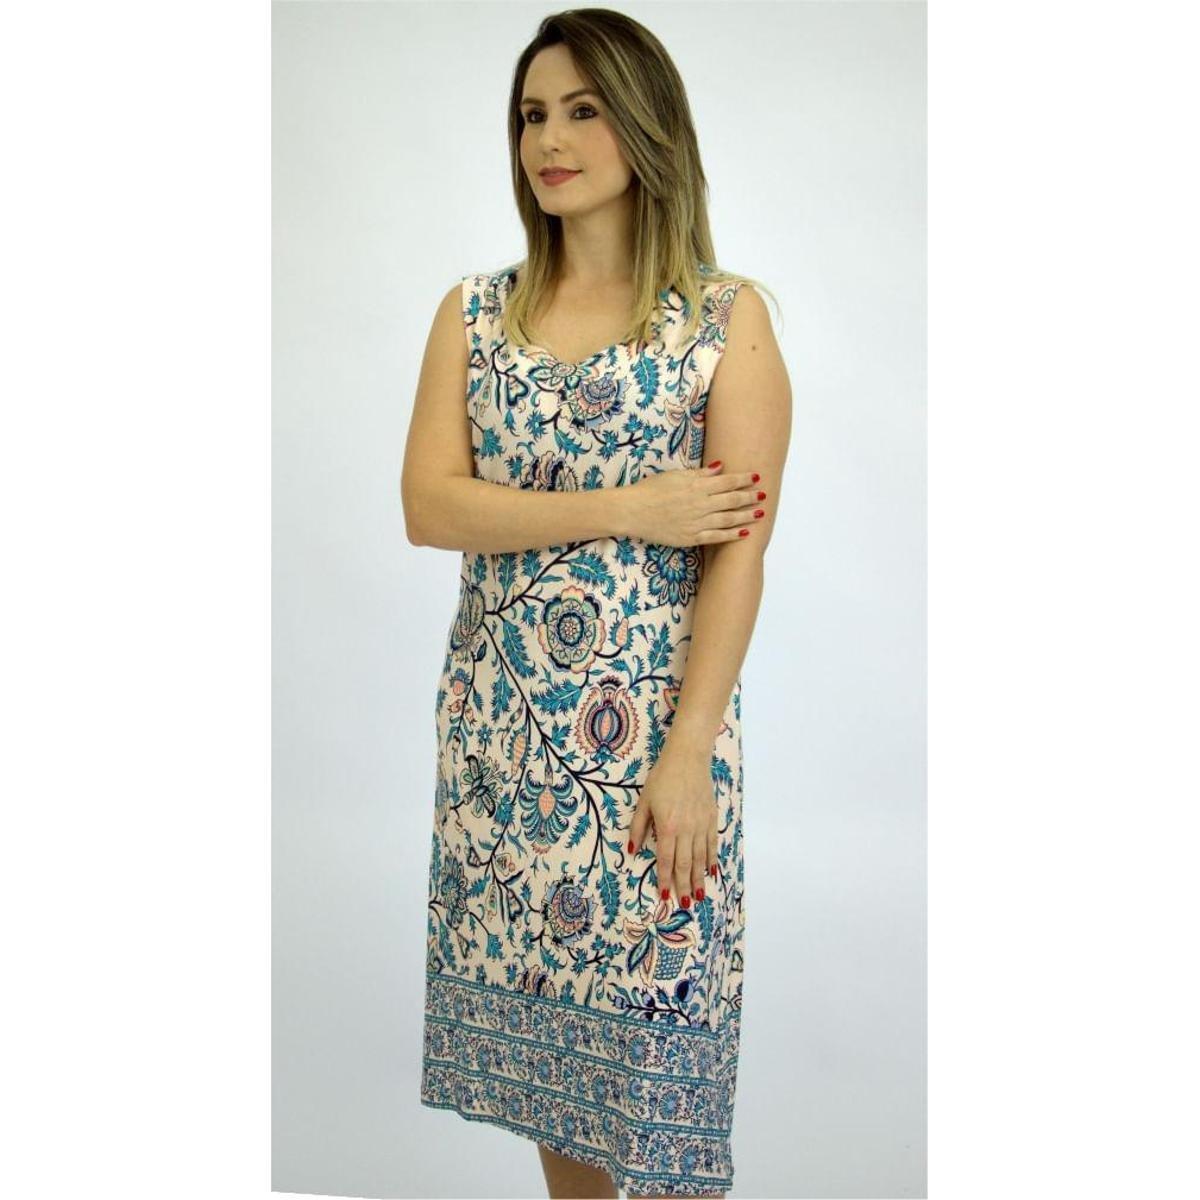 3ceda38a0 Vestido Pau a Pique Estampado Feminino - Compre Agora